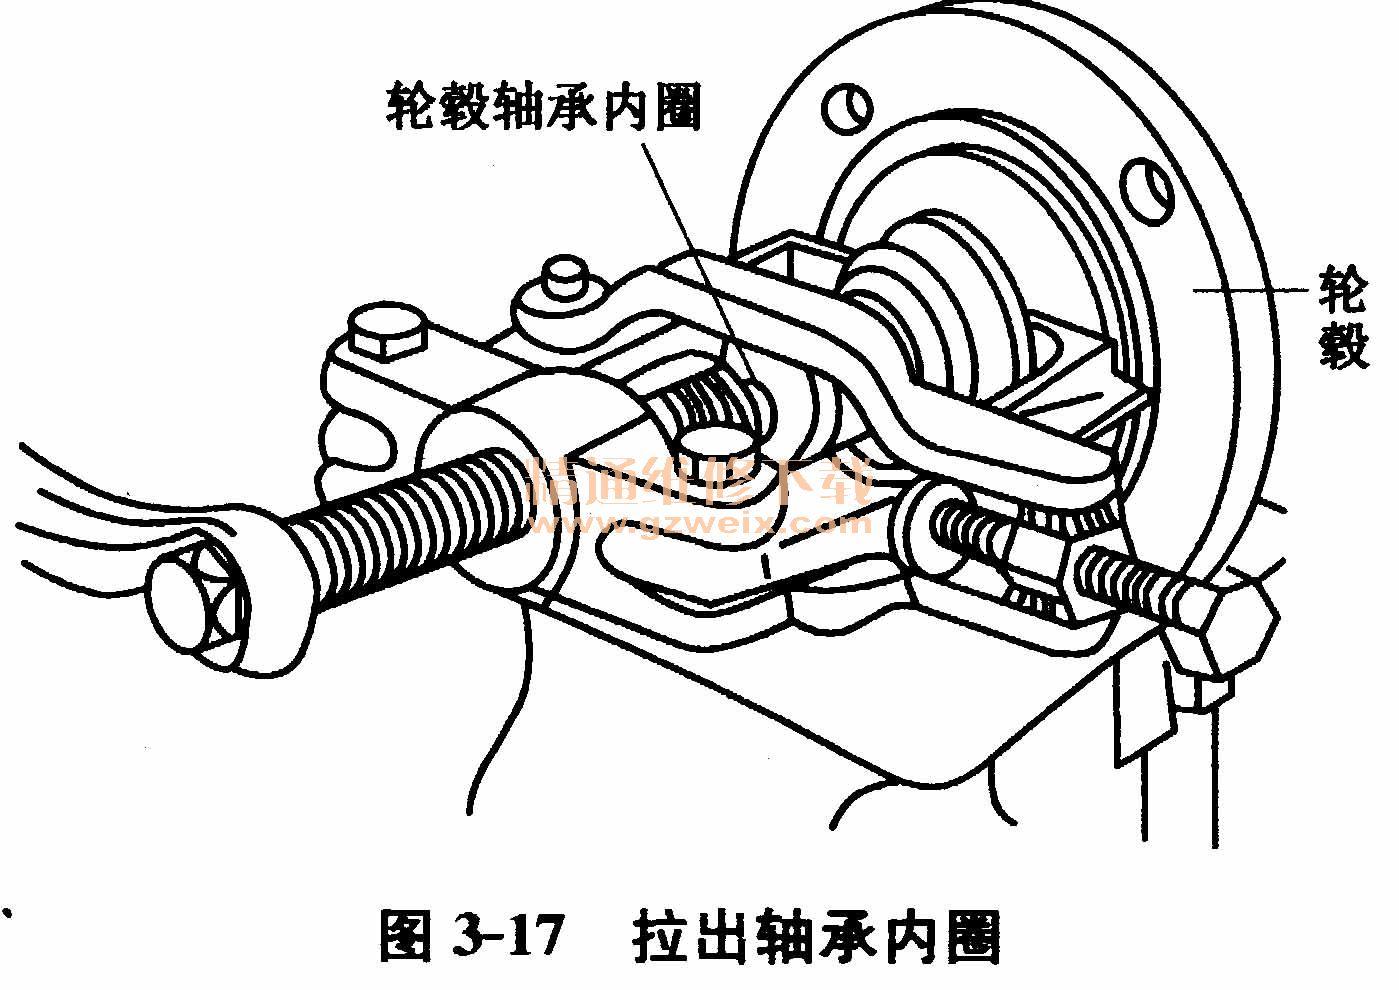 大众桑塔纳2000gsi轿车前轮轮毂轴承的更换